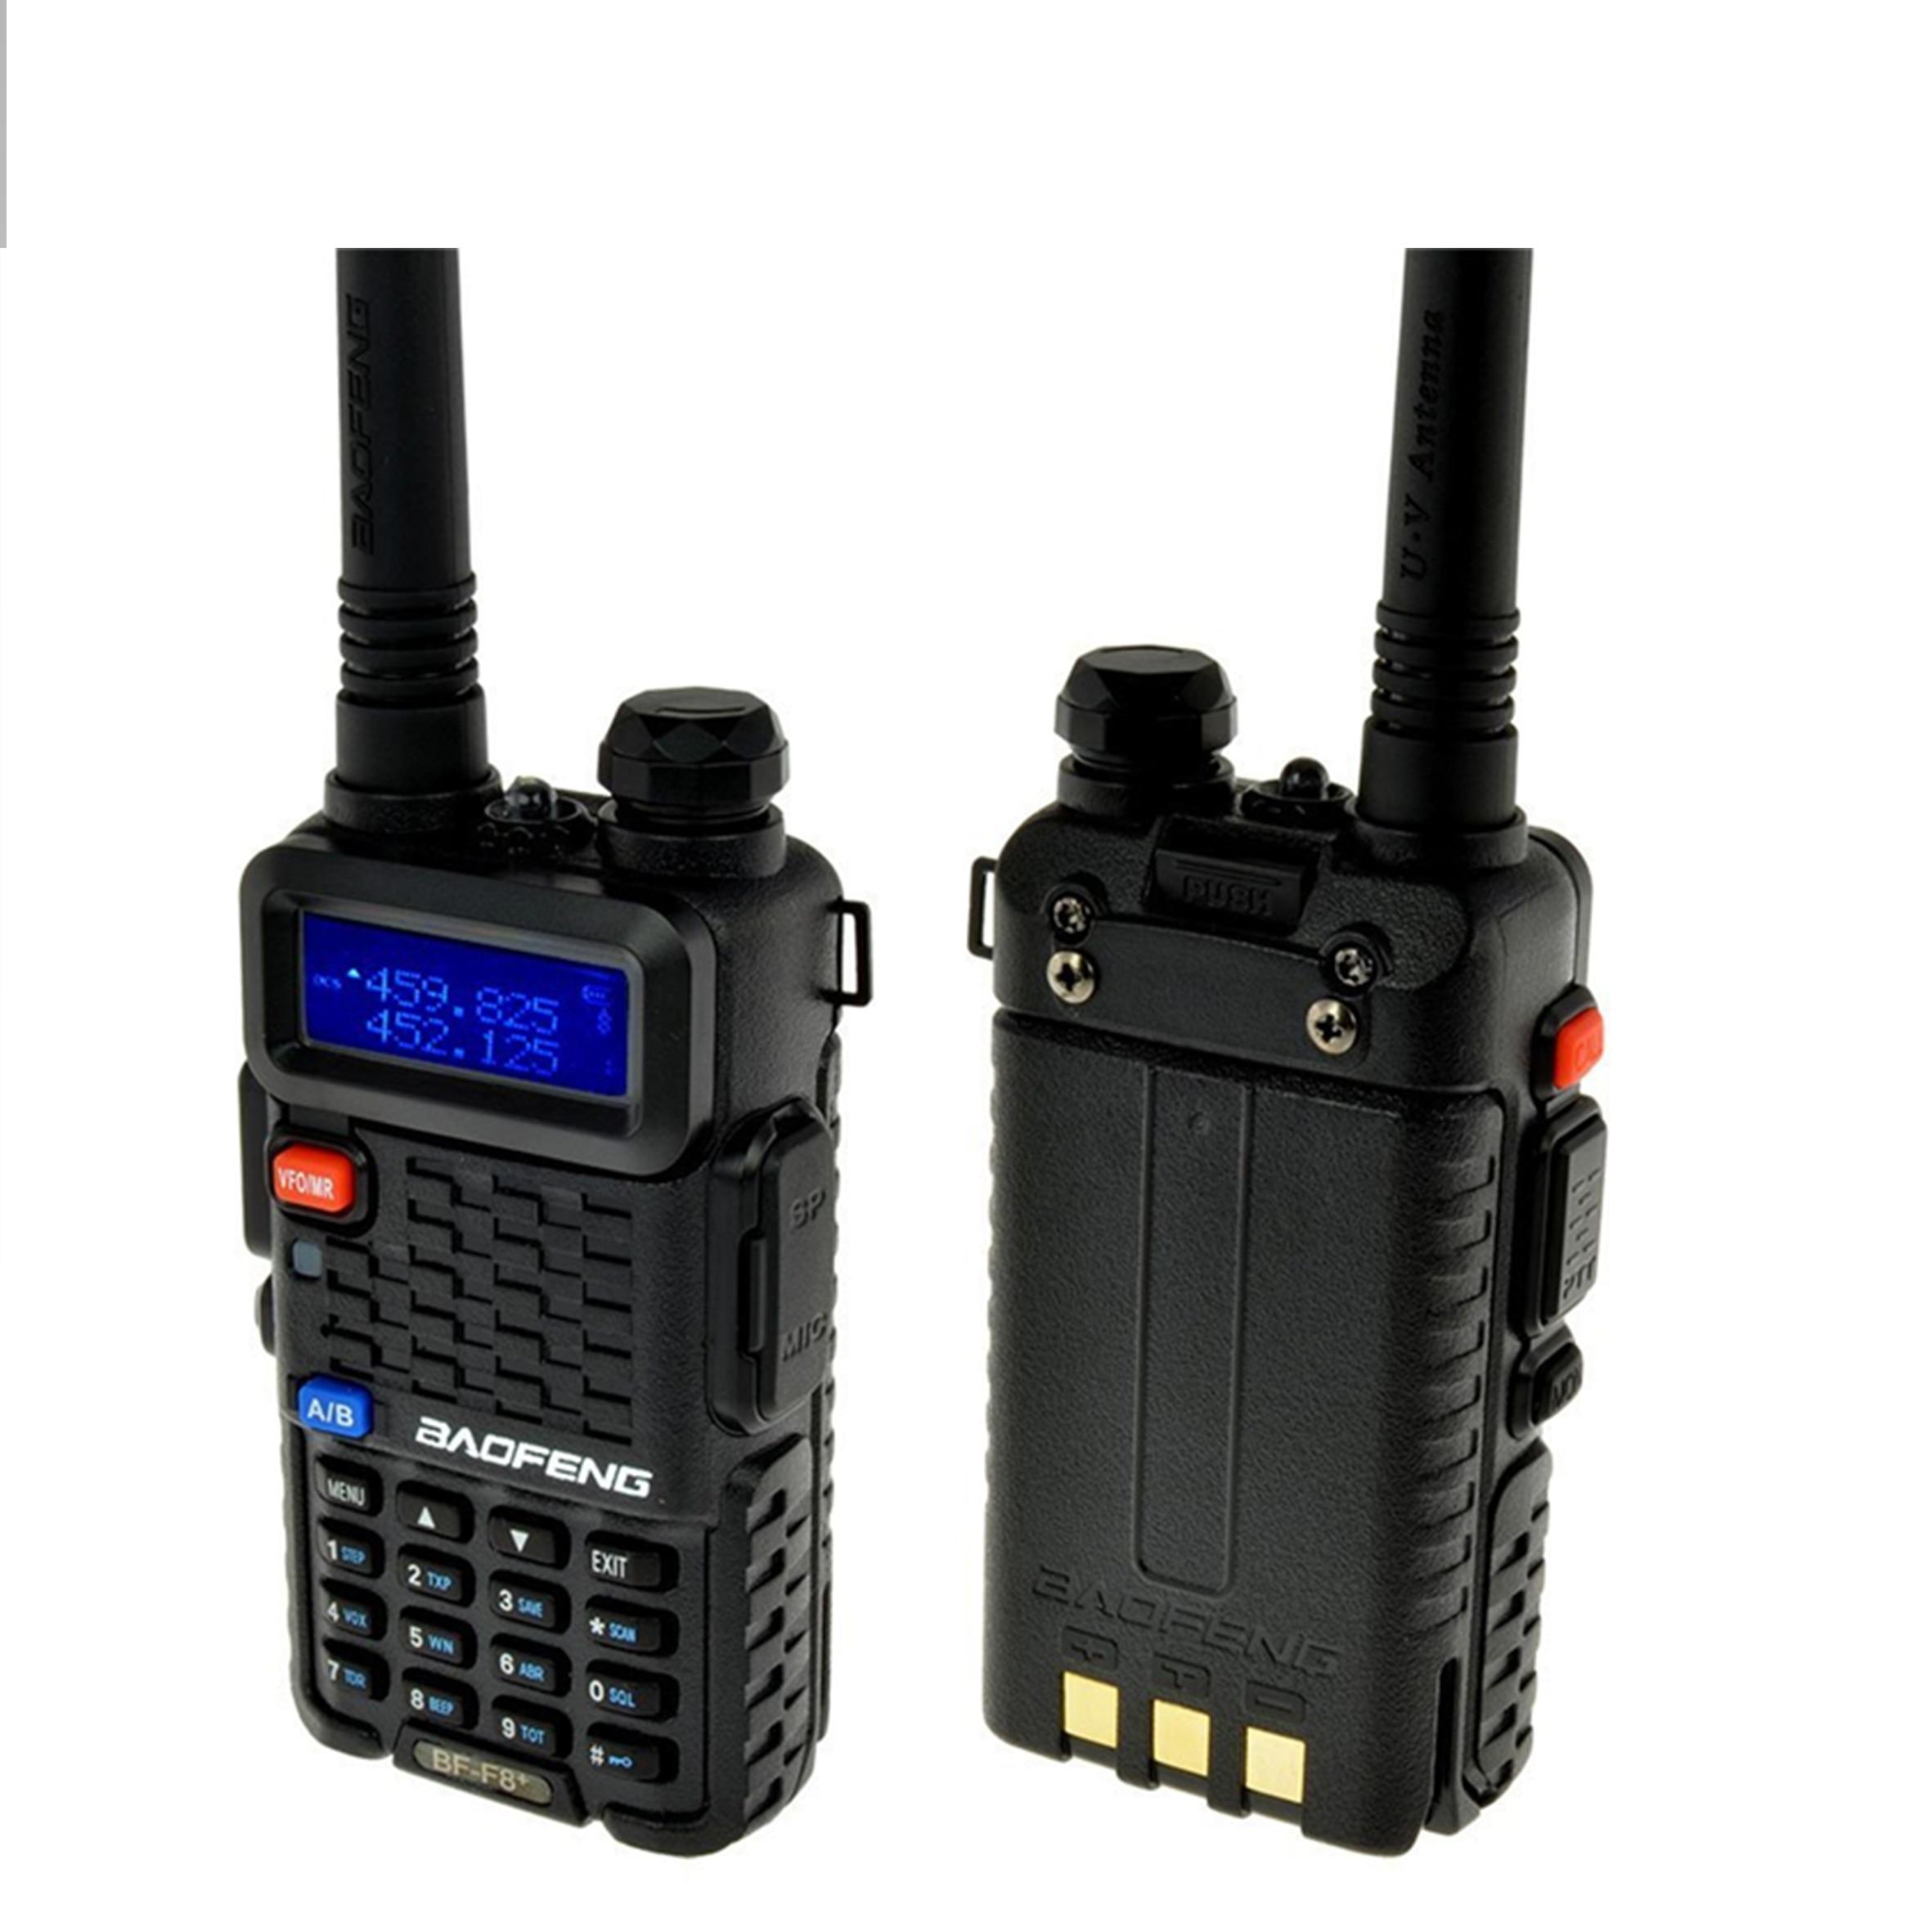 bilder für 2 teile/satz Baofeng BF F8 + Walkie Talkie Tragbaren Radios 5 Watt 128CH Dual Band Zweiwegradio UHF VHF FM VOX Pofung BF F8 Dual Display